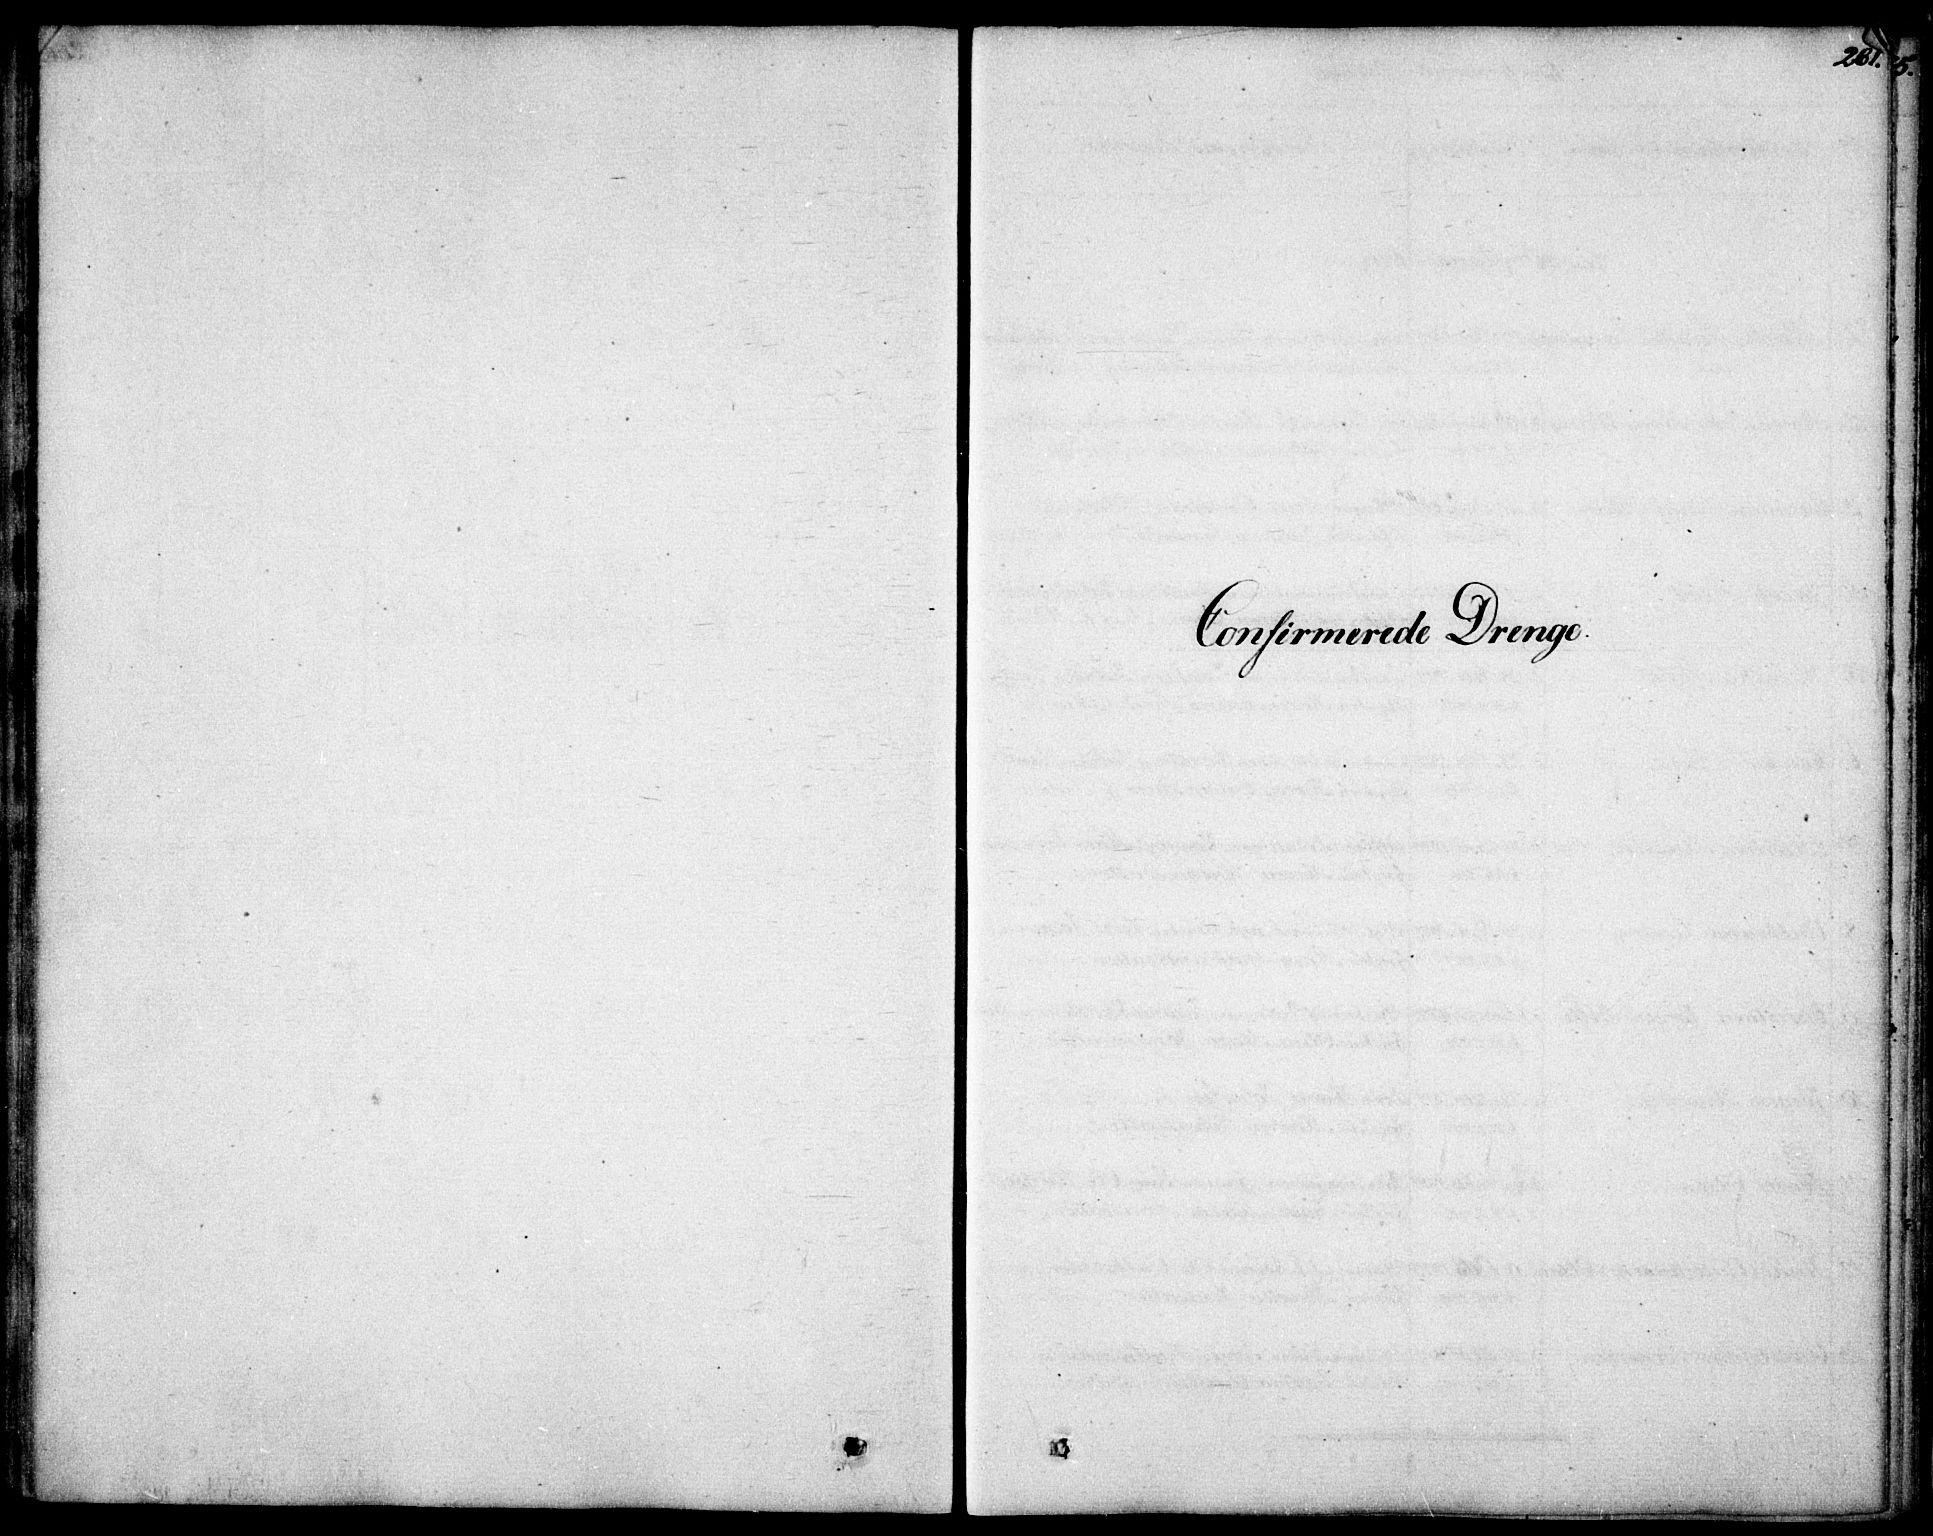 SAO, Garnisonsmenigheten Kirkebøker, F/Fa/L0006: Ministerialbok nr. 6, 1828-1841, s. 261